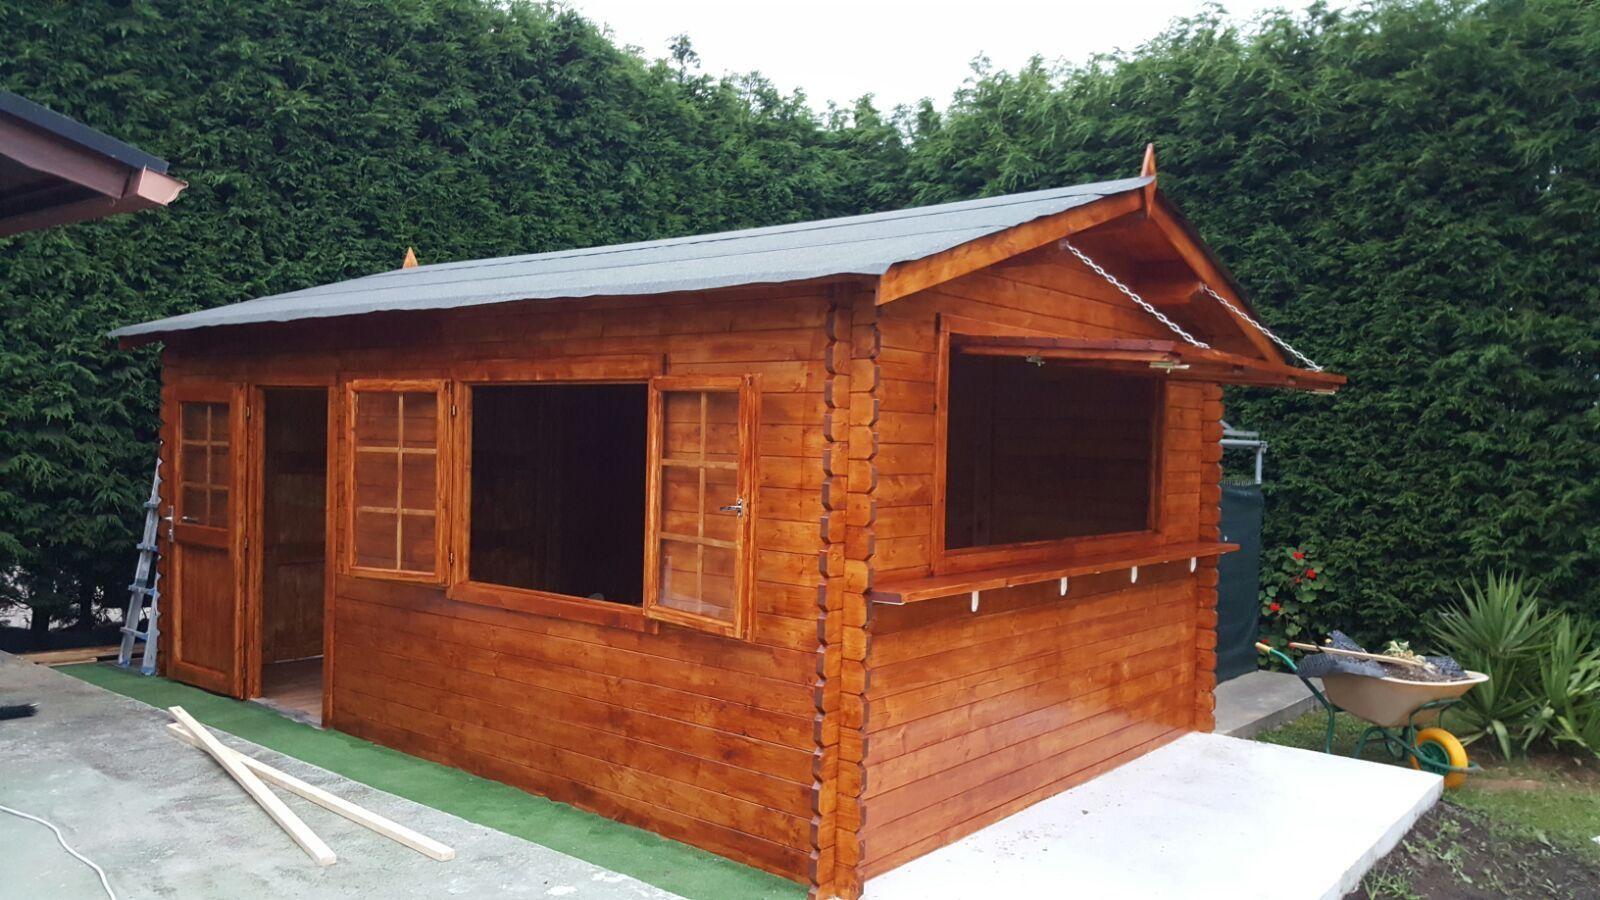 Garaje de madera Tony convertido en kiosco